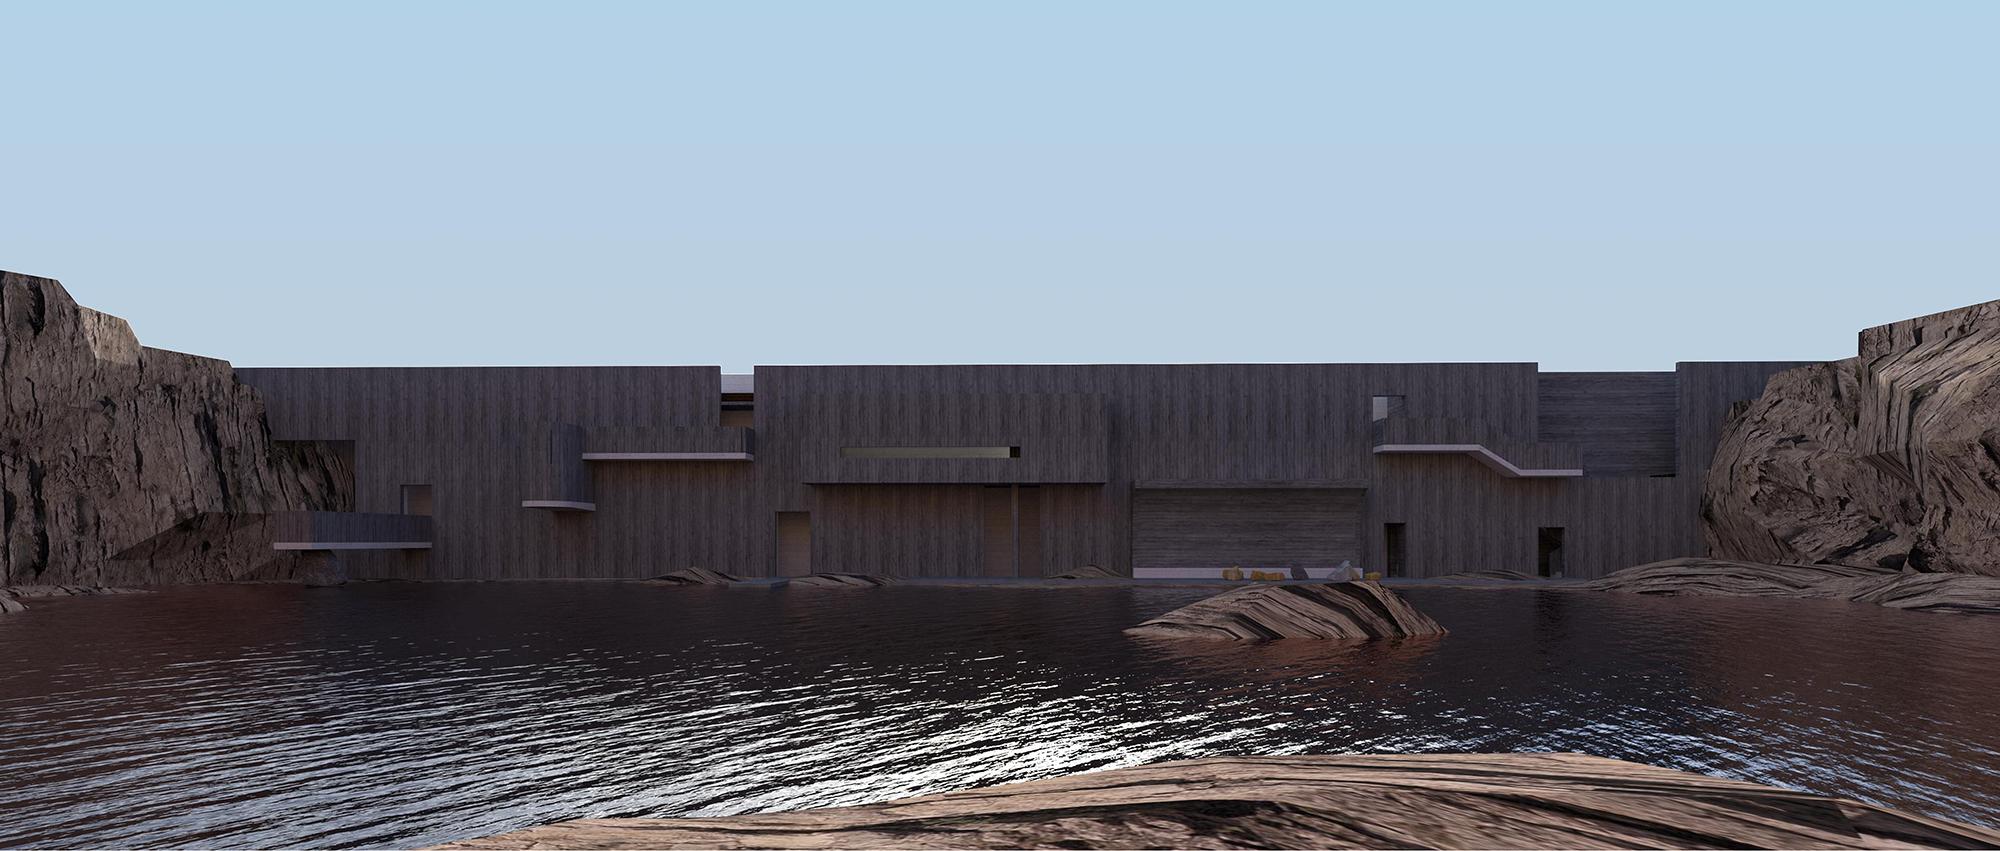 """矛盾之""""间"""" : Reviving Mines山东矿坑修复国际竞赛提案"""